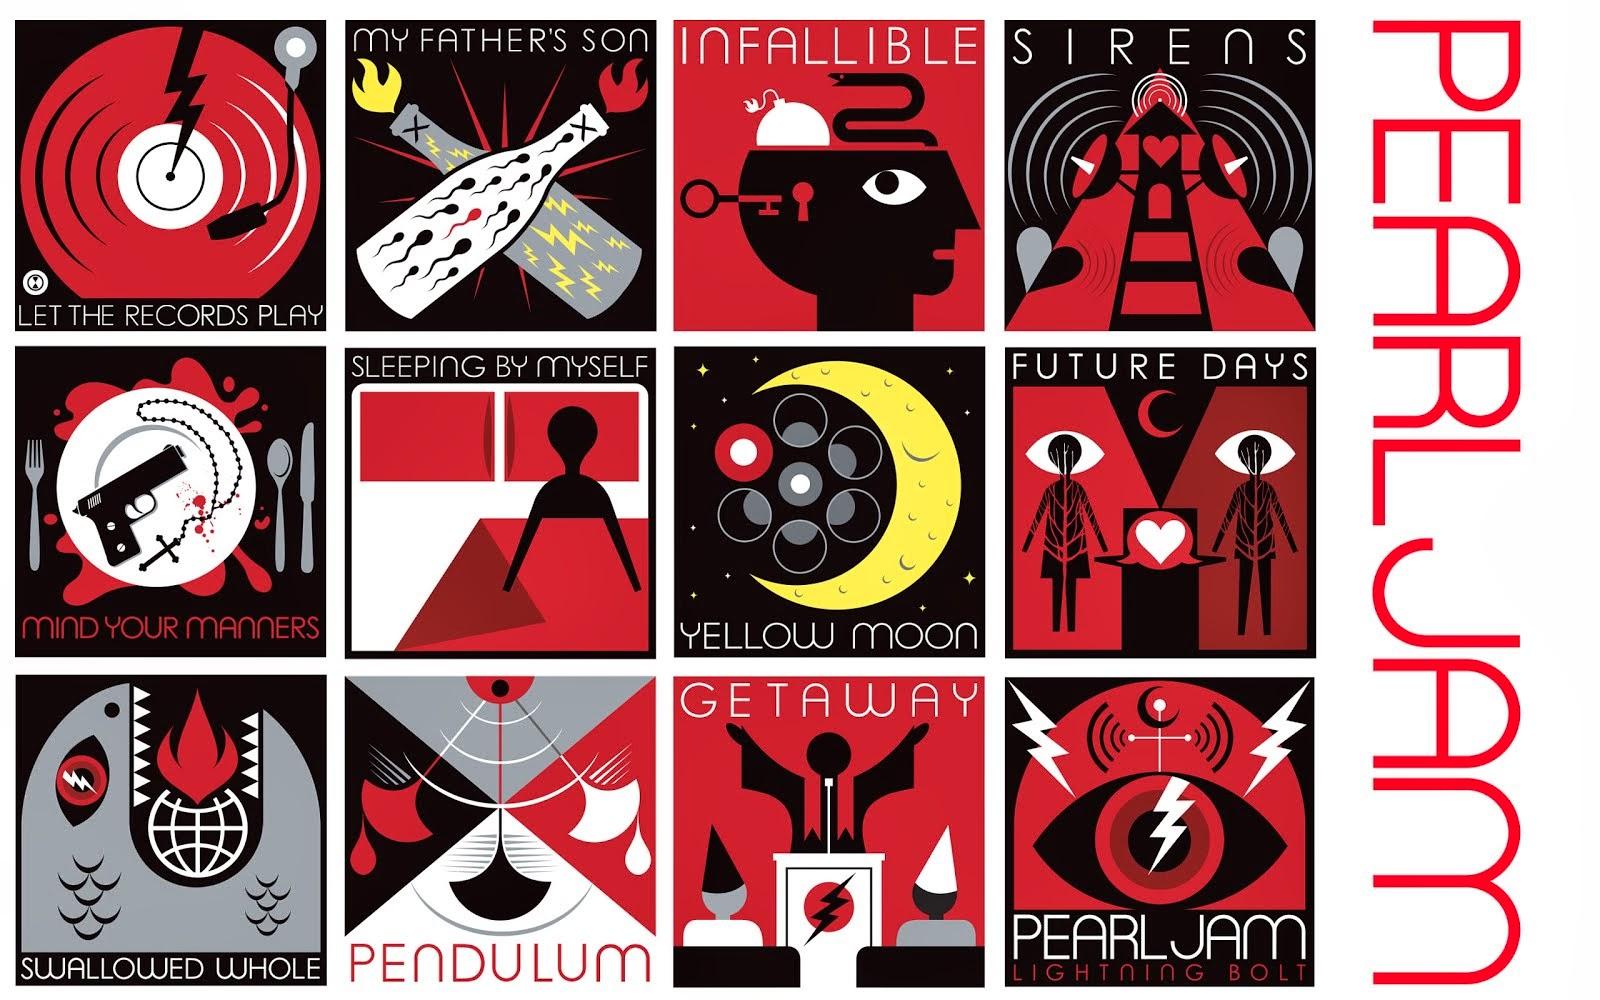 Pearl Jam Portugal